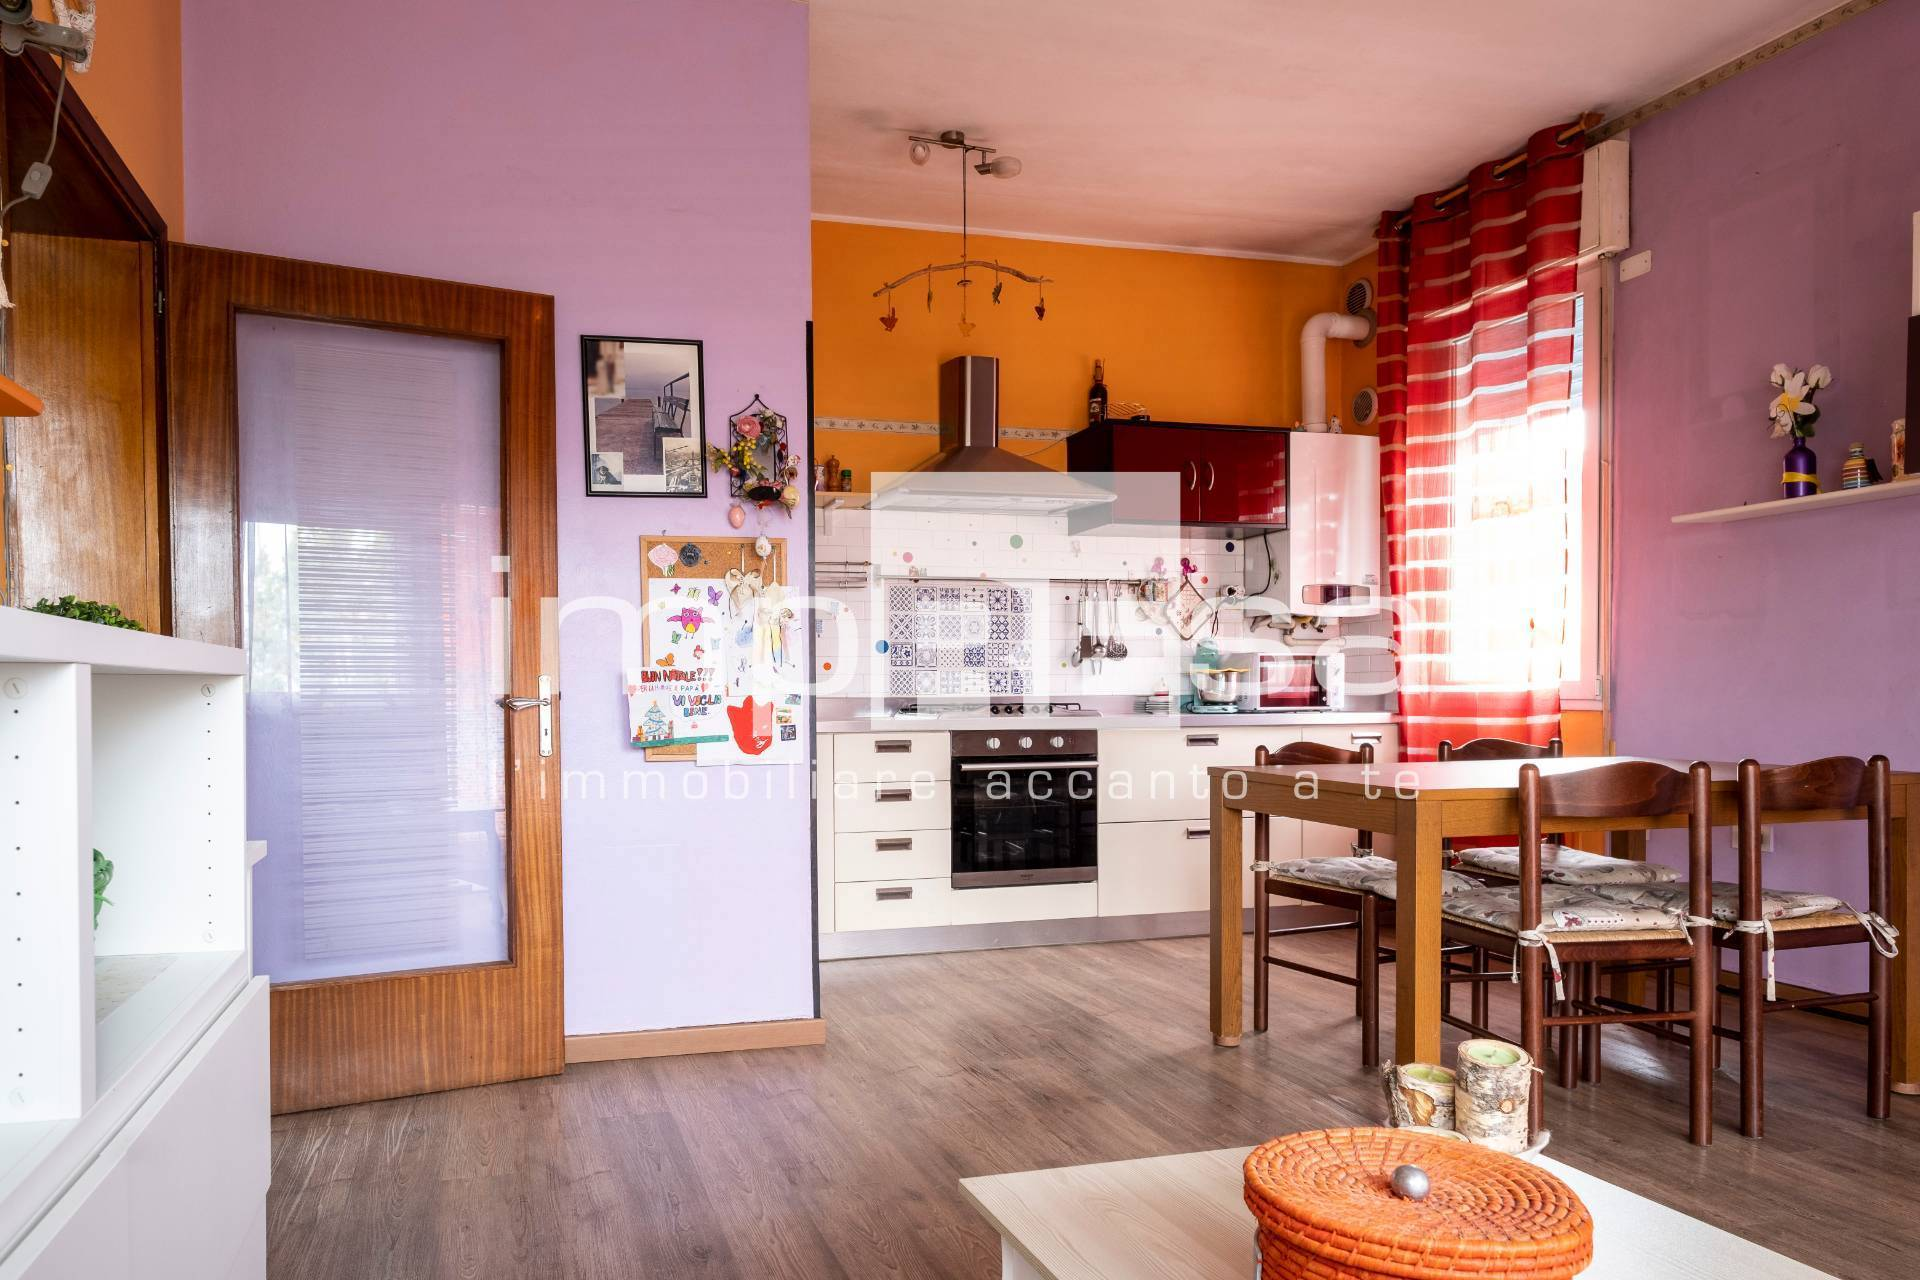 Appartamento in vendita a Preganziol, 5 locali, prezzo € 110.000 | PortaleAgenzieImmobiliari.it